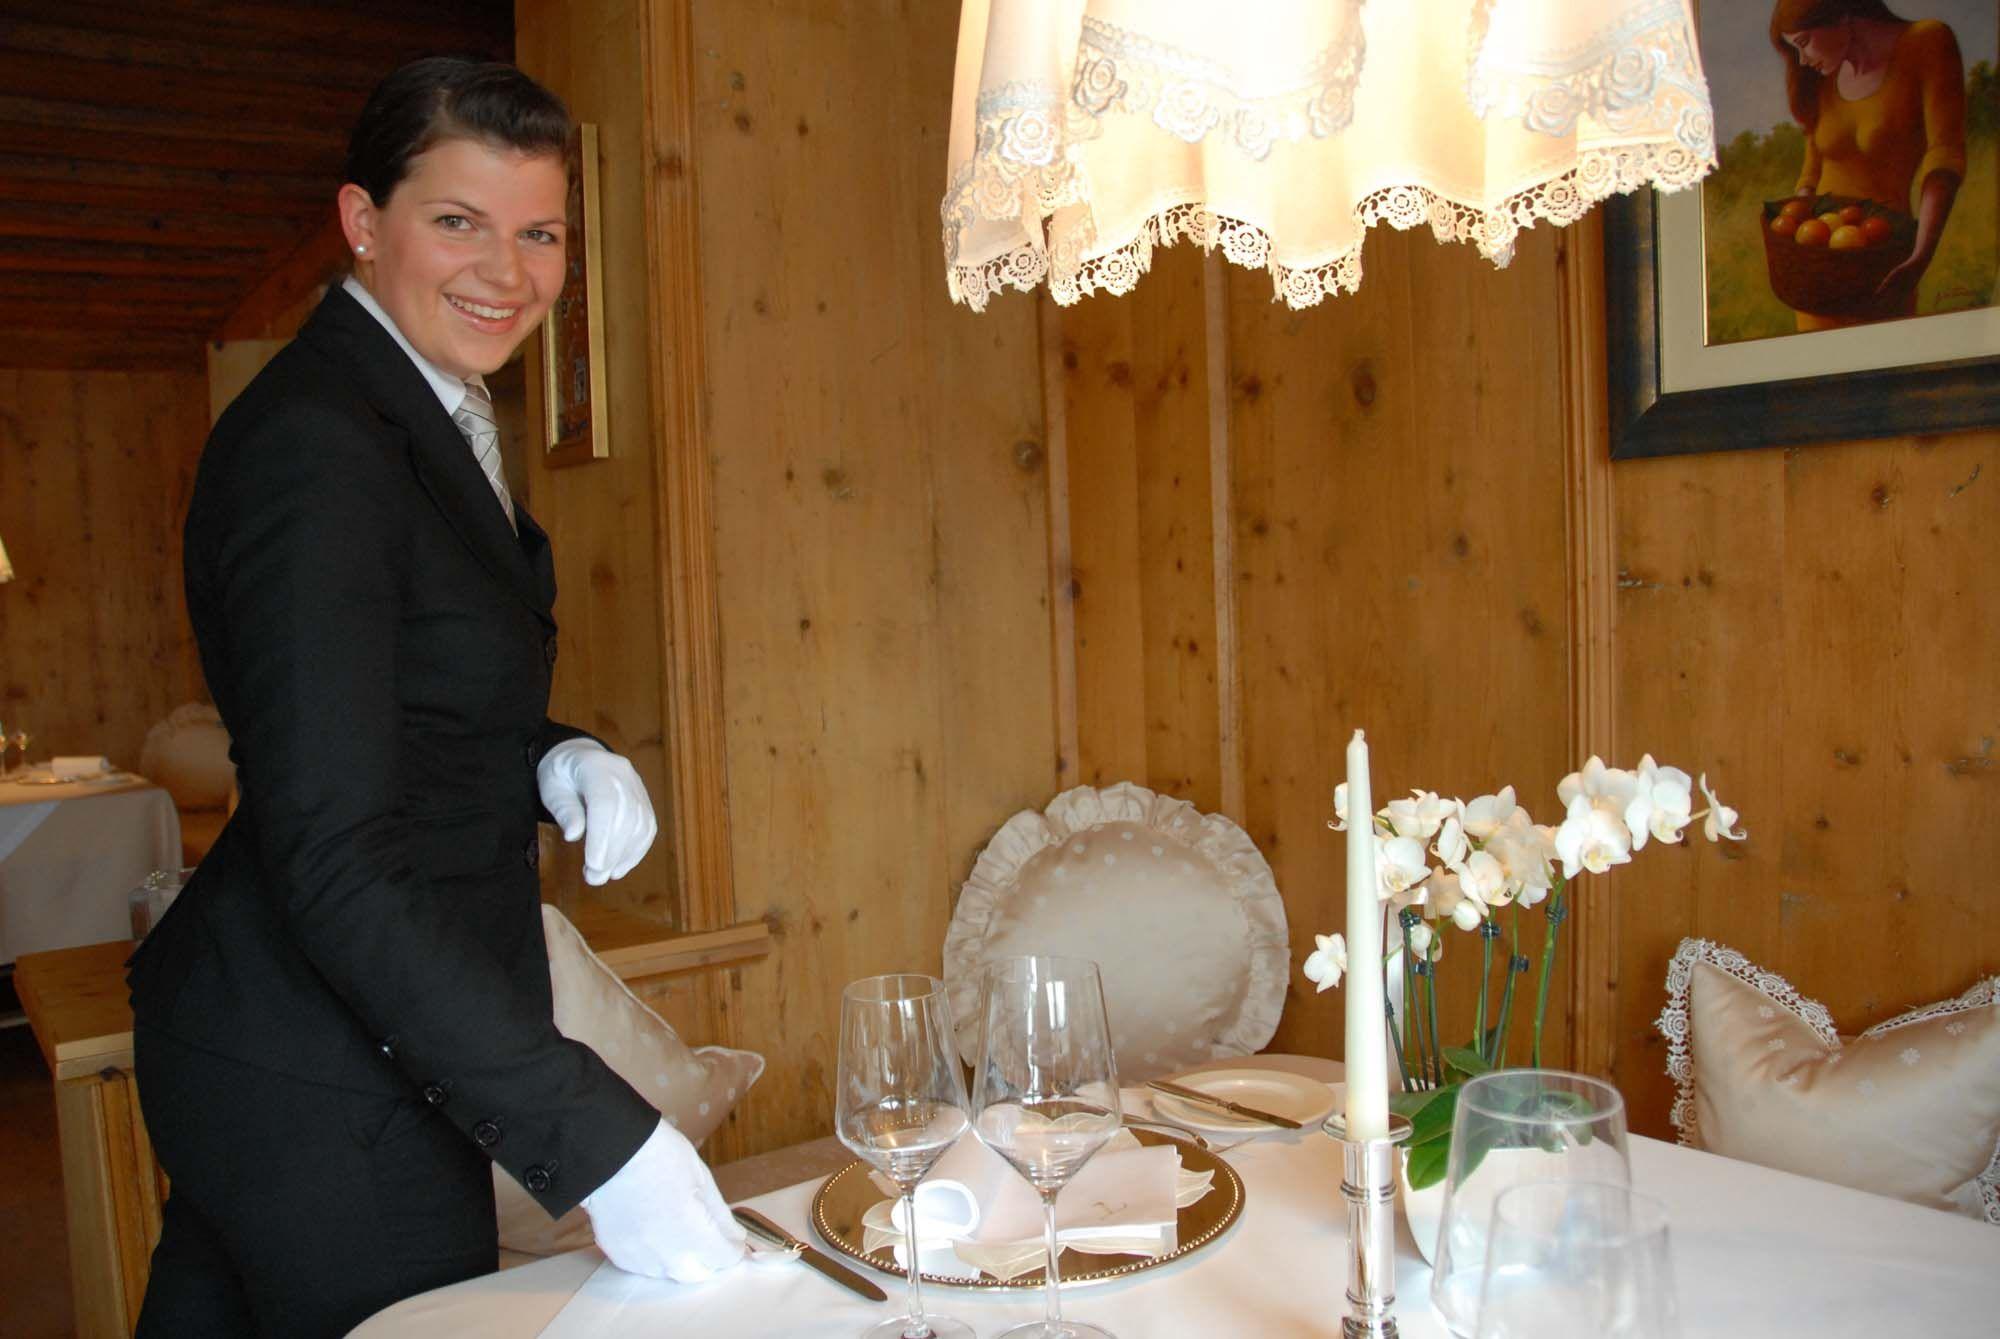 Annemarie Prader führt mit viel Herz und Leidenschaft den Service im Gourmetrestaurant Trenkerstube